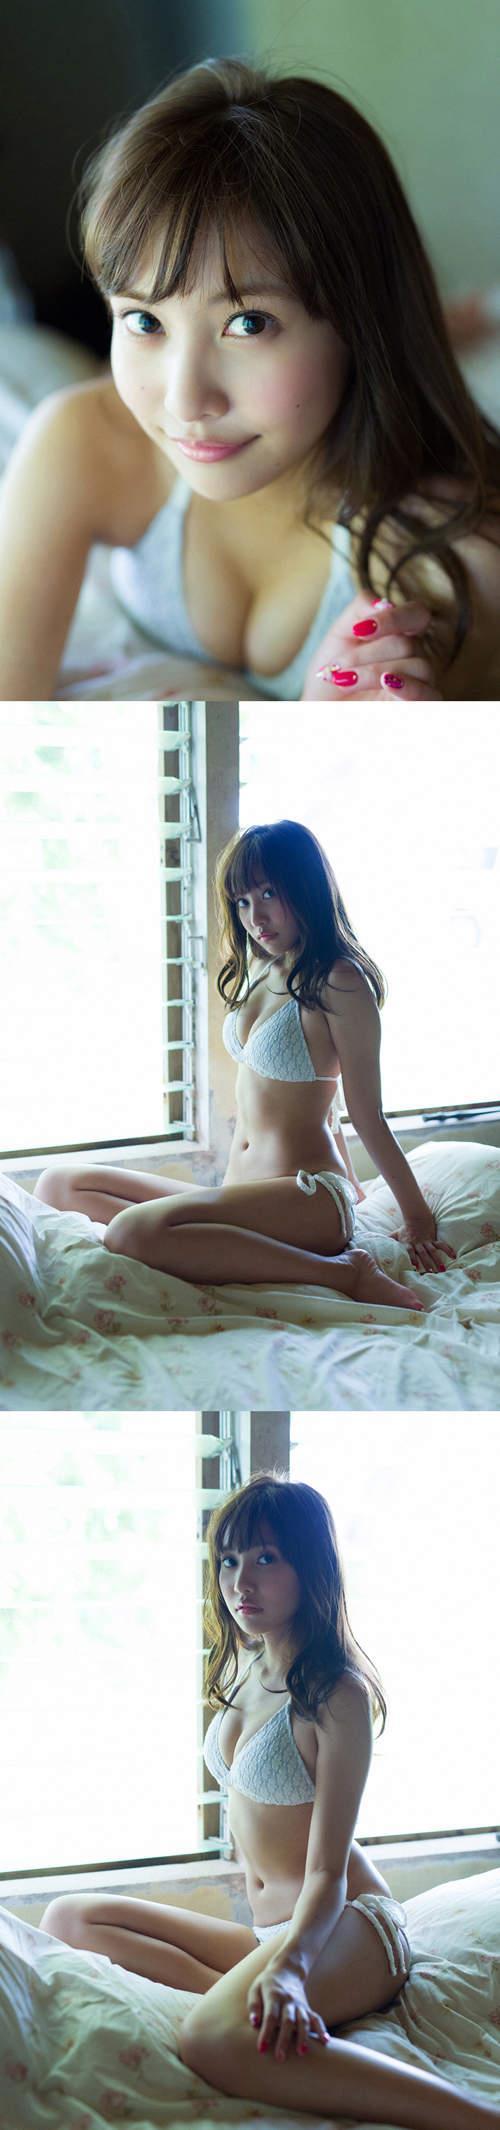 (名家)佐野雛子_卡卡洛普